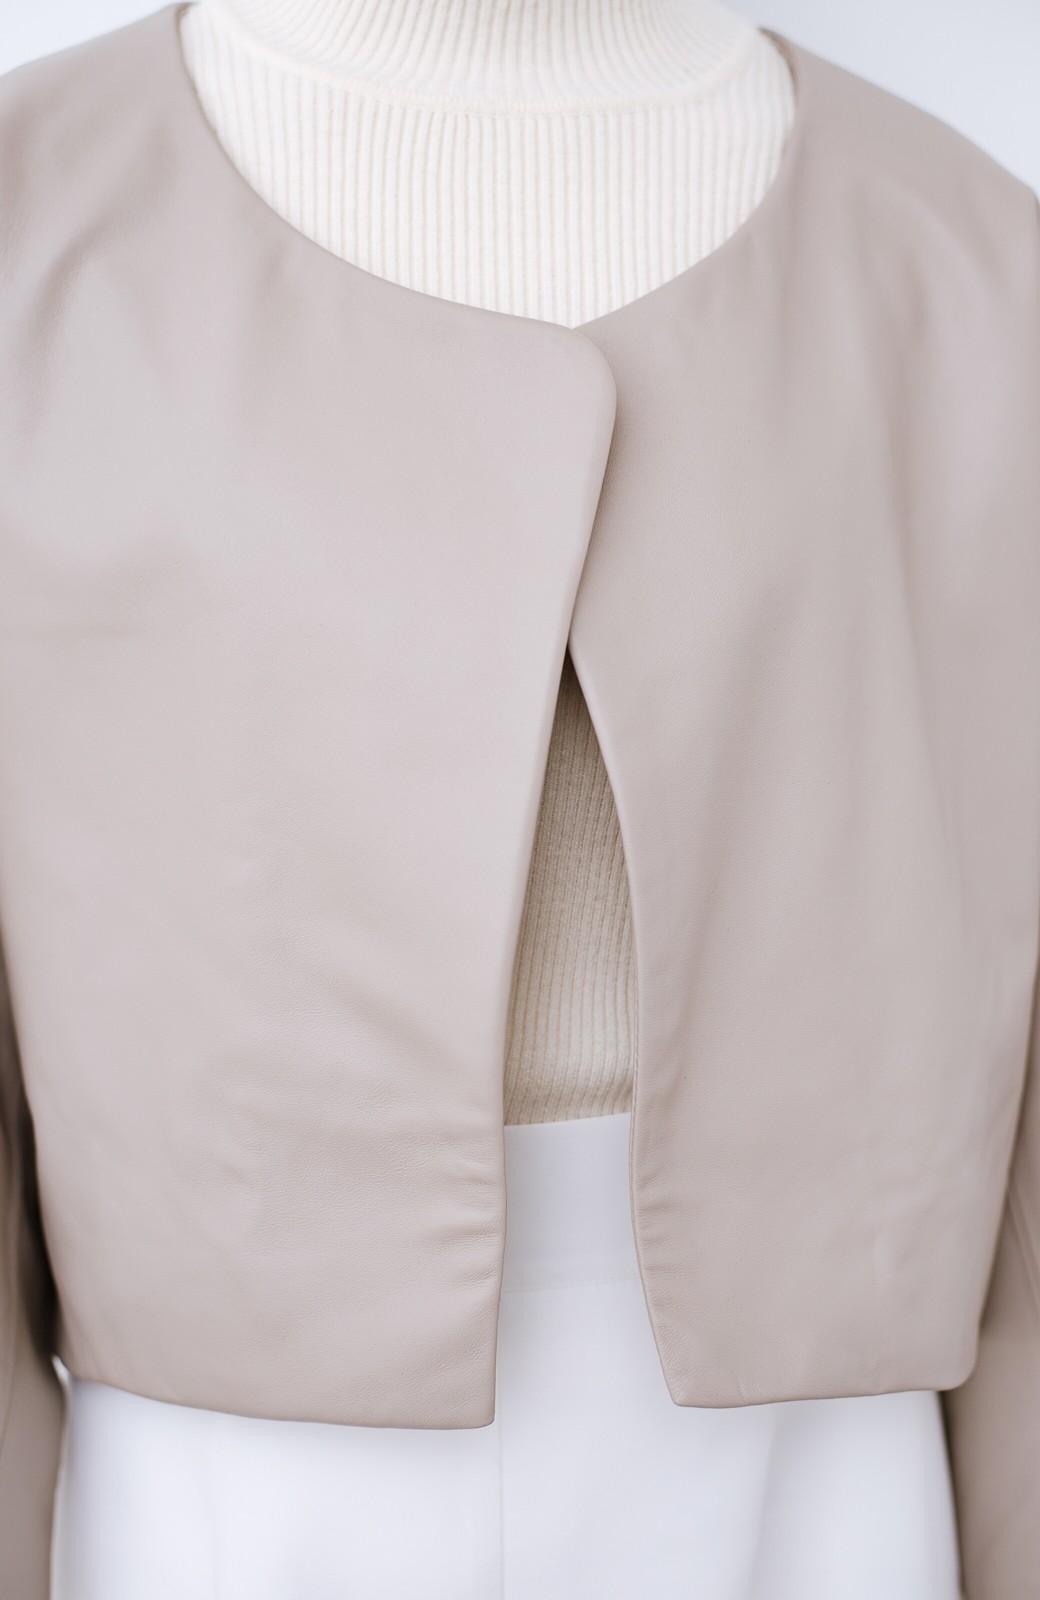 haco! BOLSISTA パッと羽織って大人かっこいいノーカラーレザージャケット <グレイッシュベージュ>の商品写真3